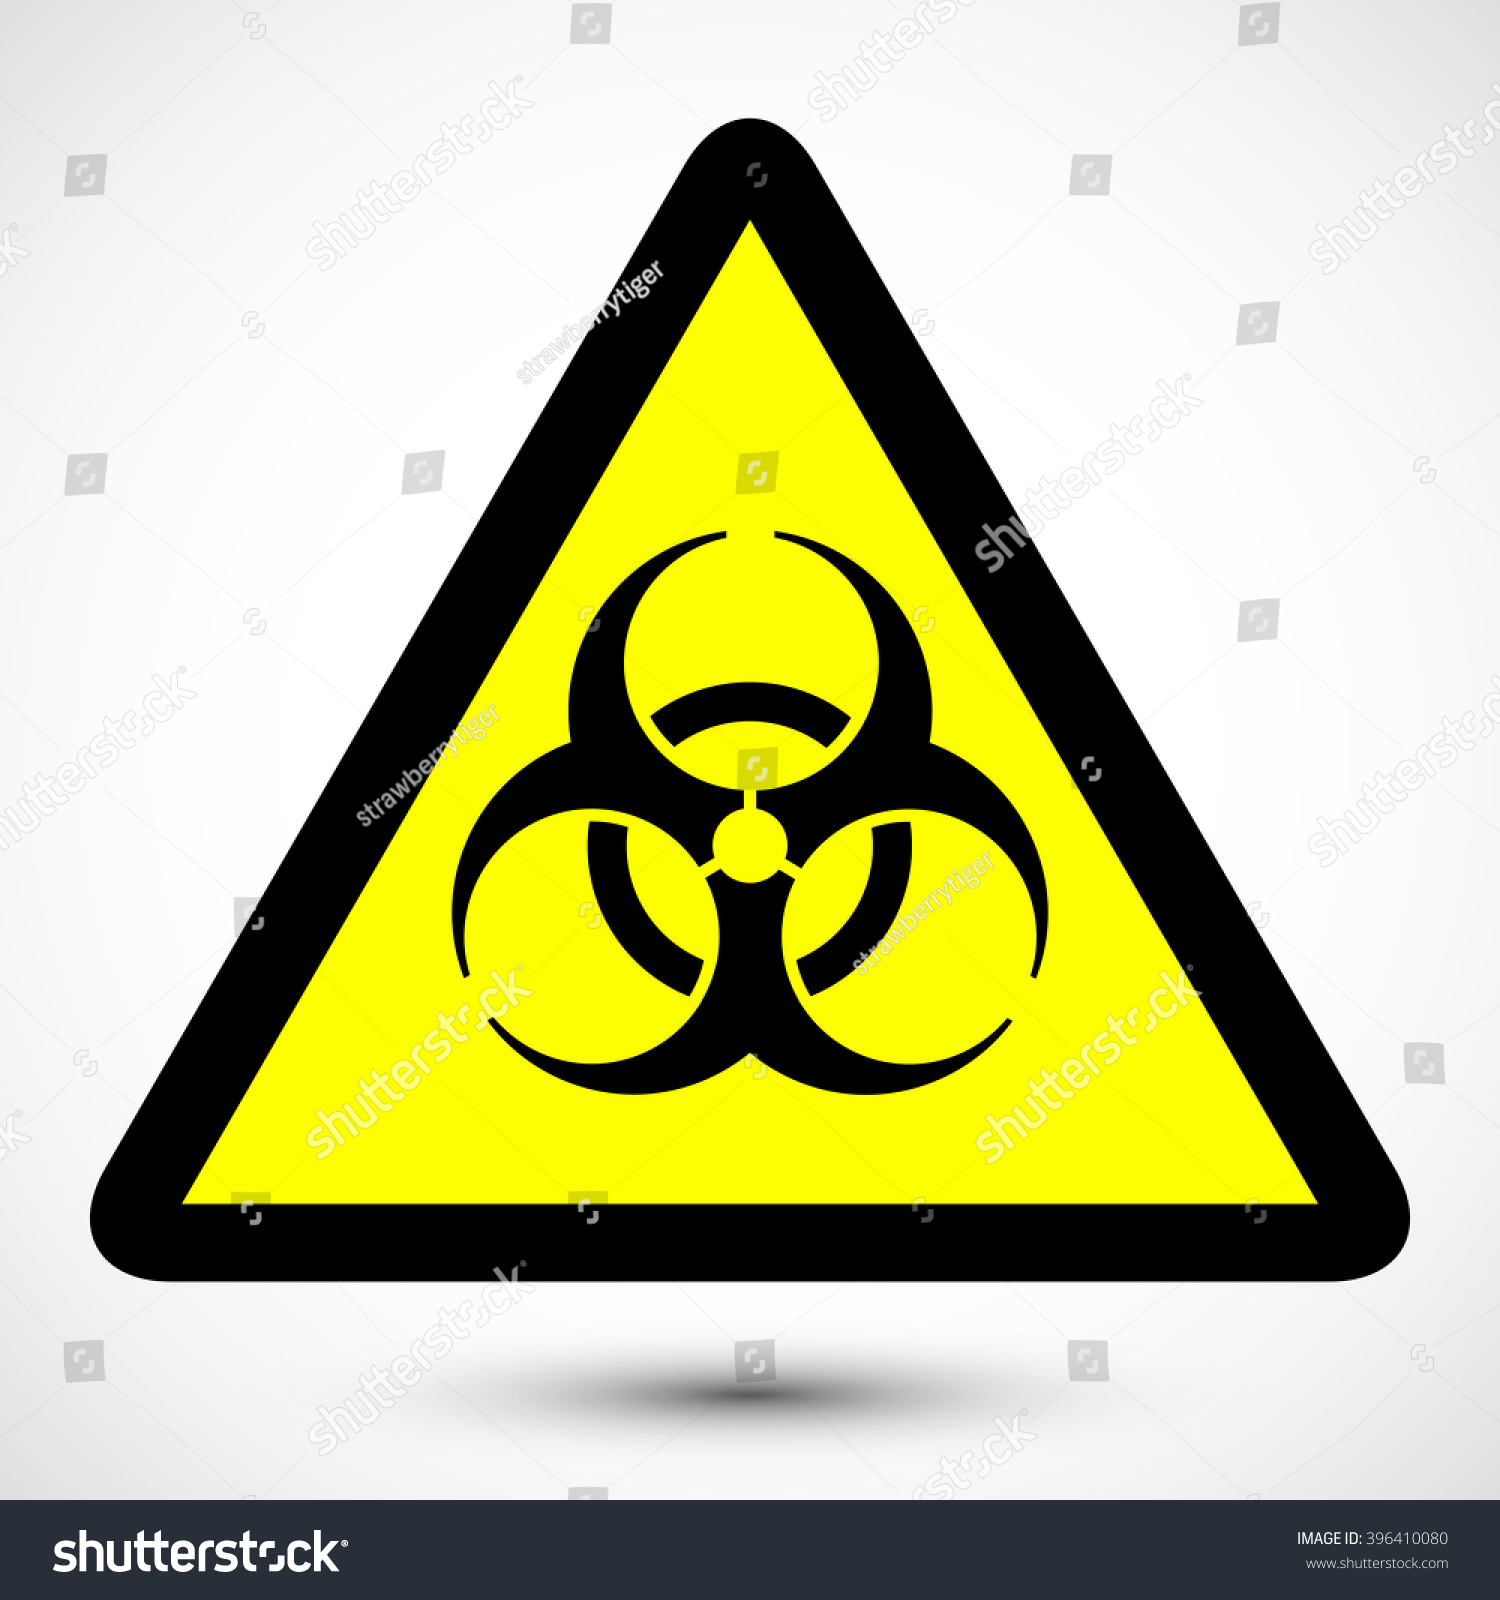 biohazard symbol on background isolated vector のベクター画像素材